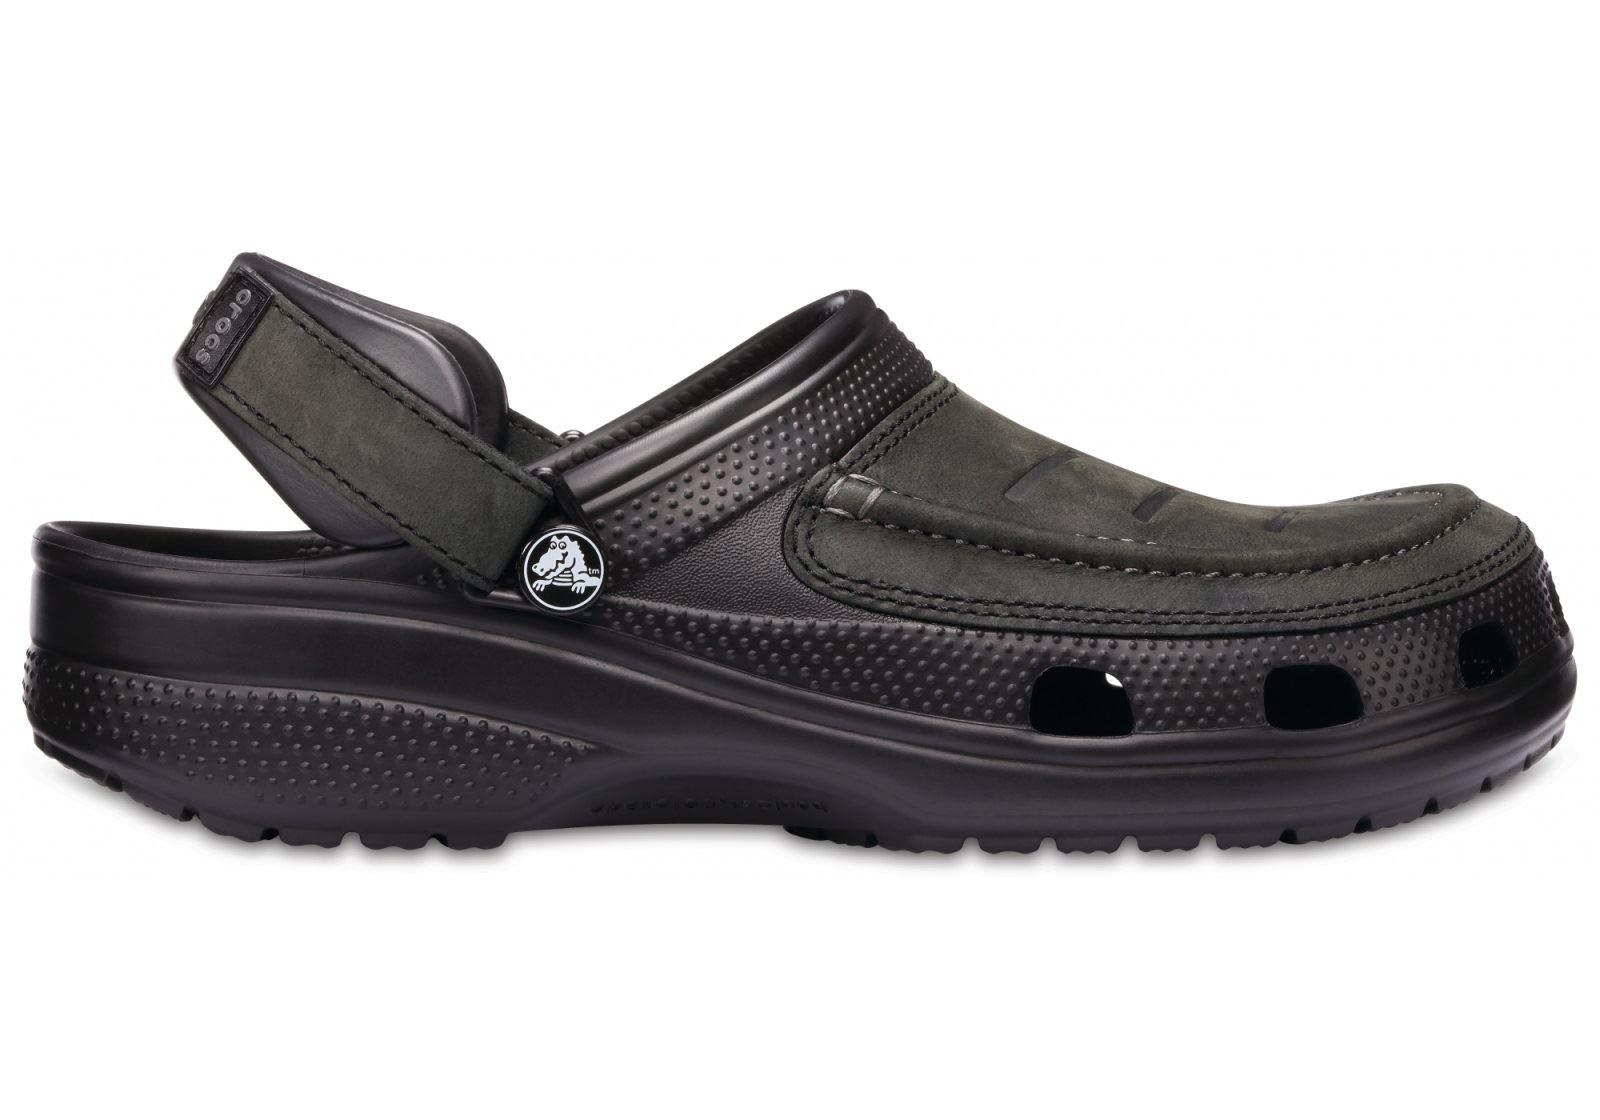 Pánske topánky Crocs YUKON VISTA Clog čierna 48-49  57049895682